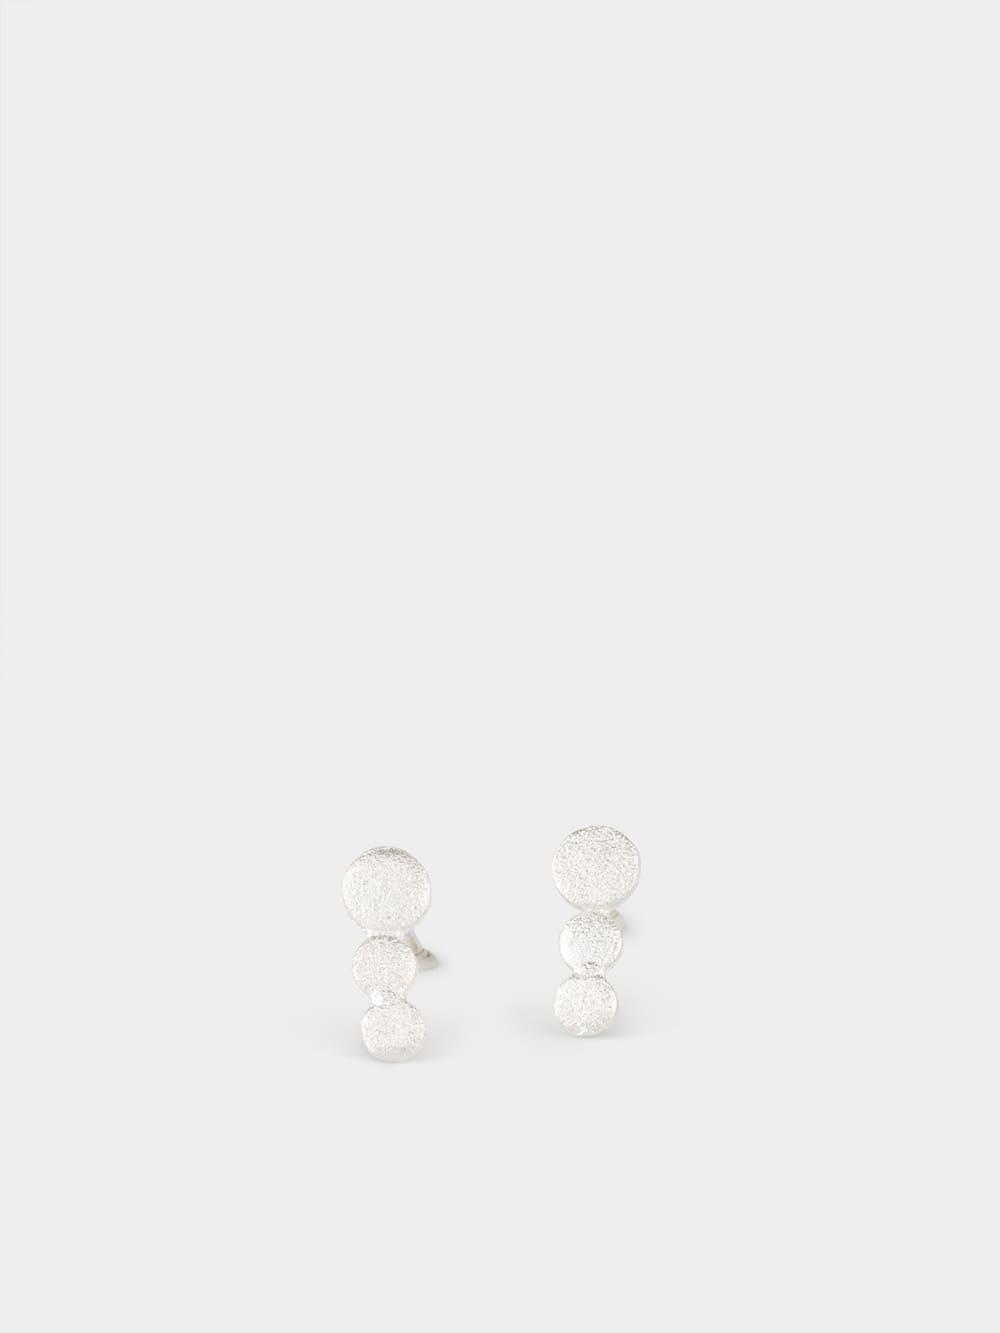 pendientes de plata para mujer, pendientes de botón, joyas artesanales, joyas para regalar, regalar joyas amigas, marteliè barcelona, joyasmarket